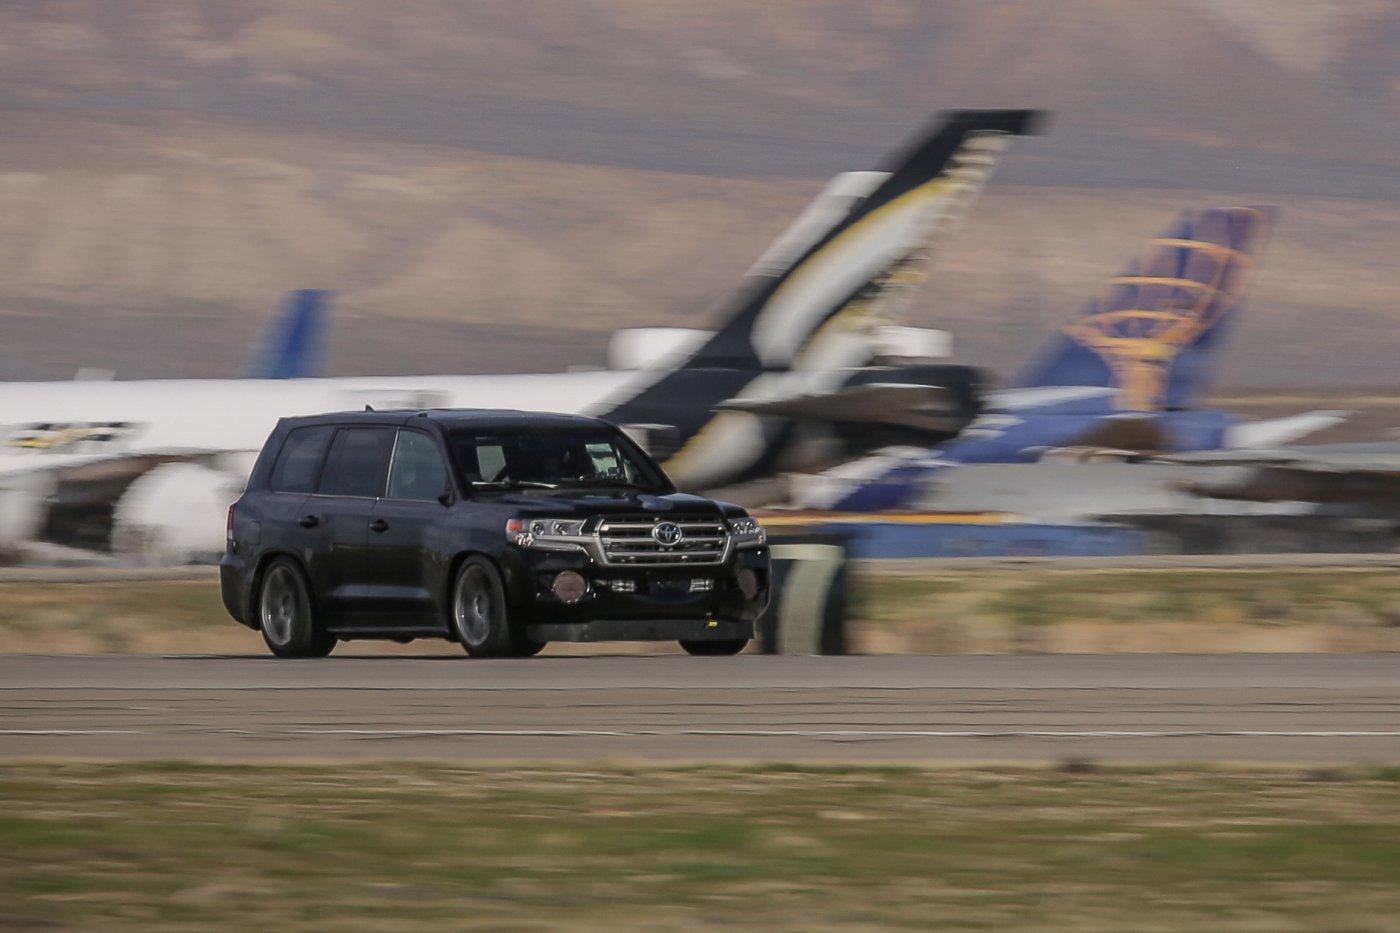 Land Speed Cruiser